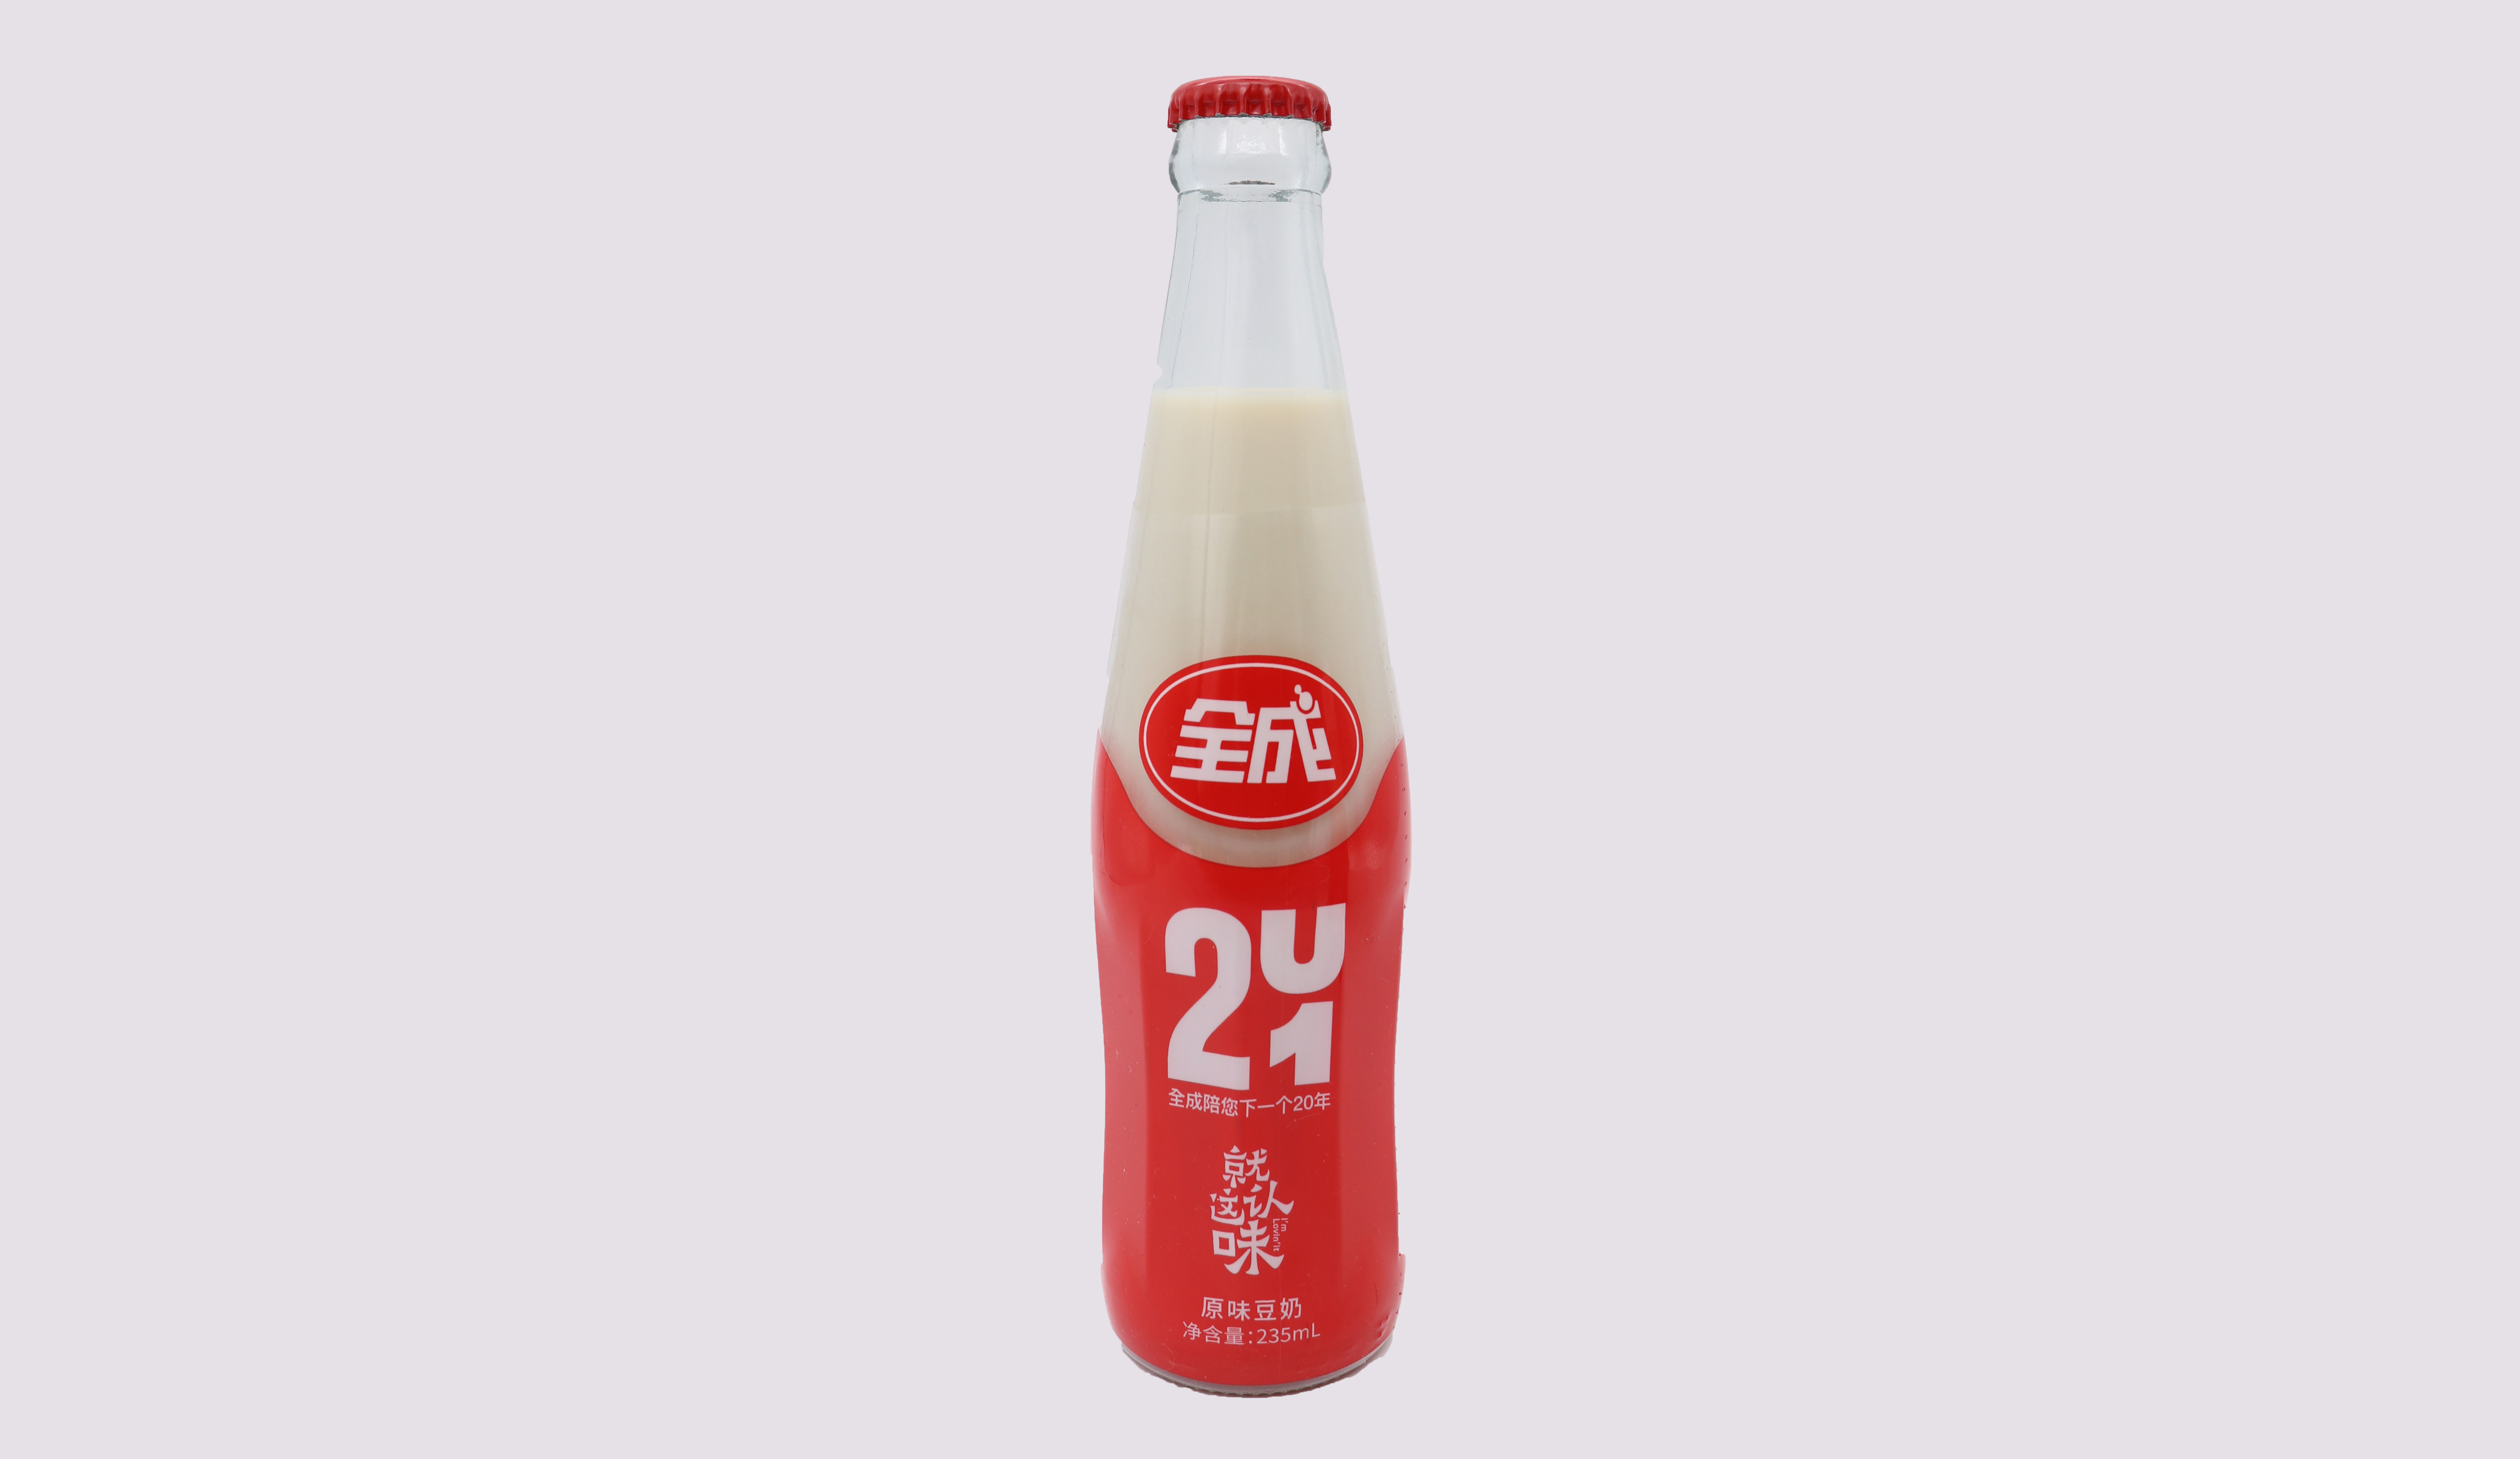 广东新全成豆奶—回收玻璃瓶